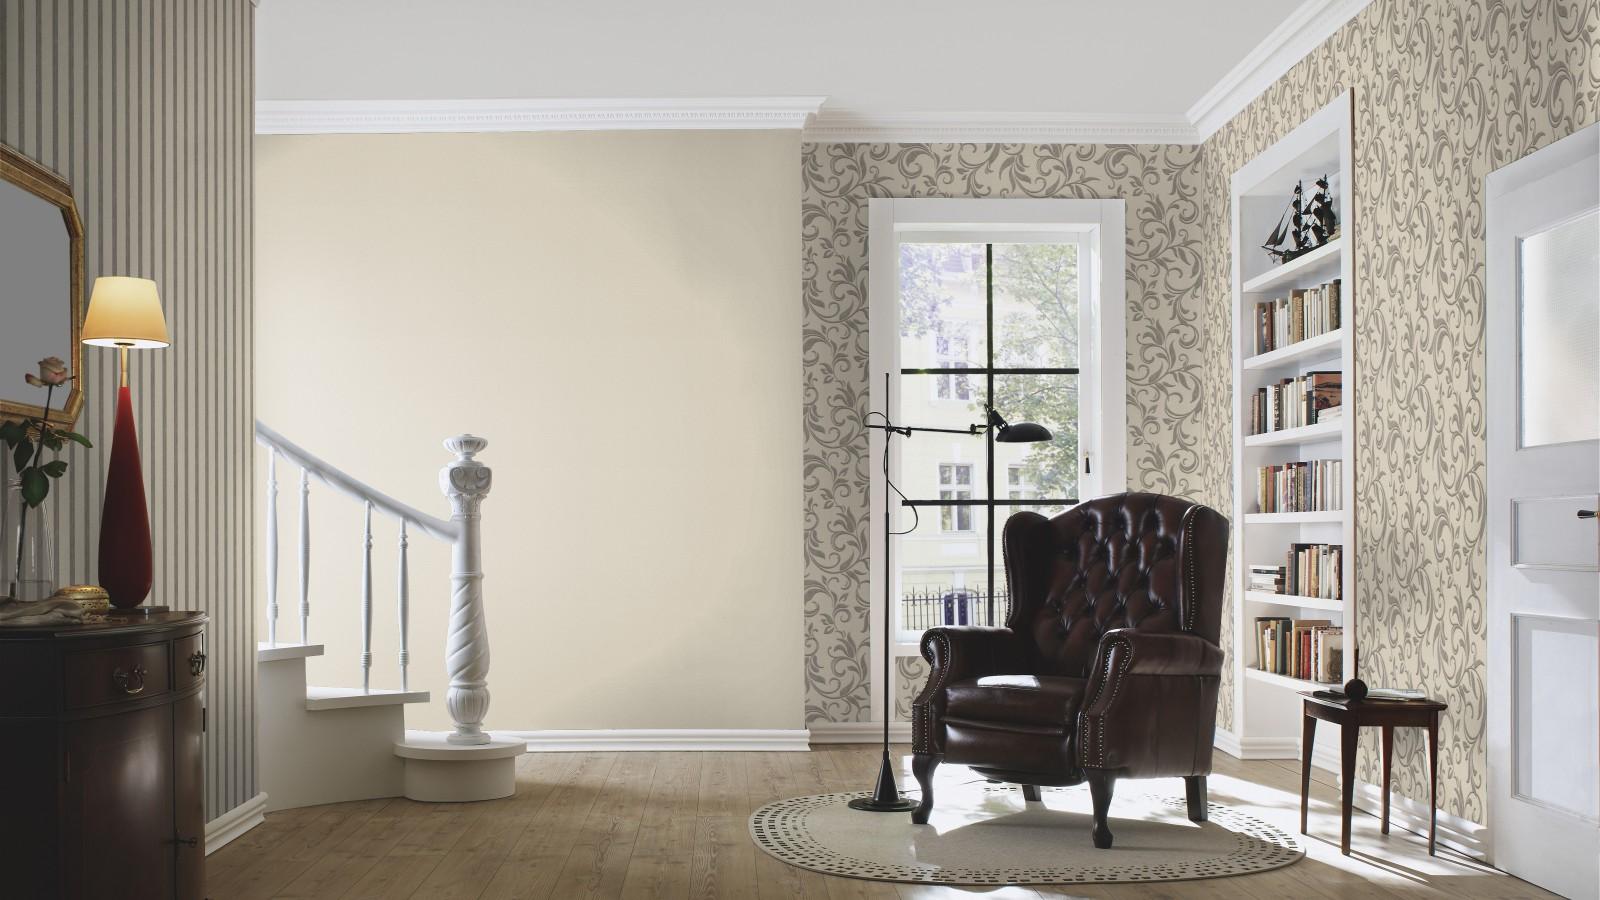 rasch tapete beige grau ranken home vision 732504. Black Bedroom Furniture Sets. Home Design Ideas